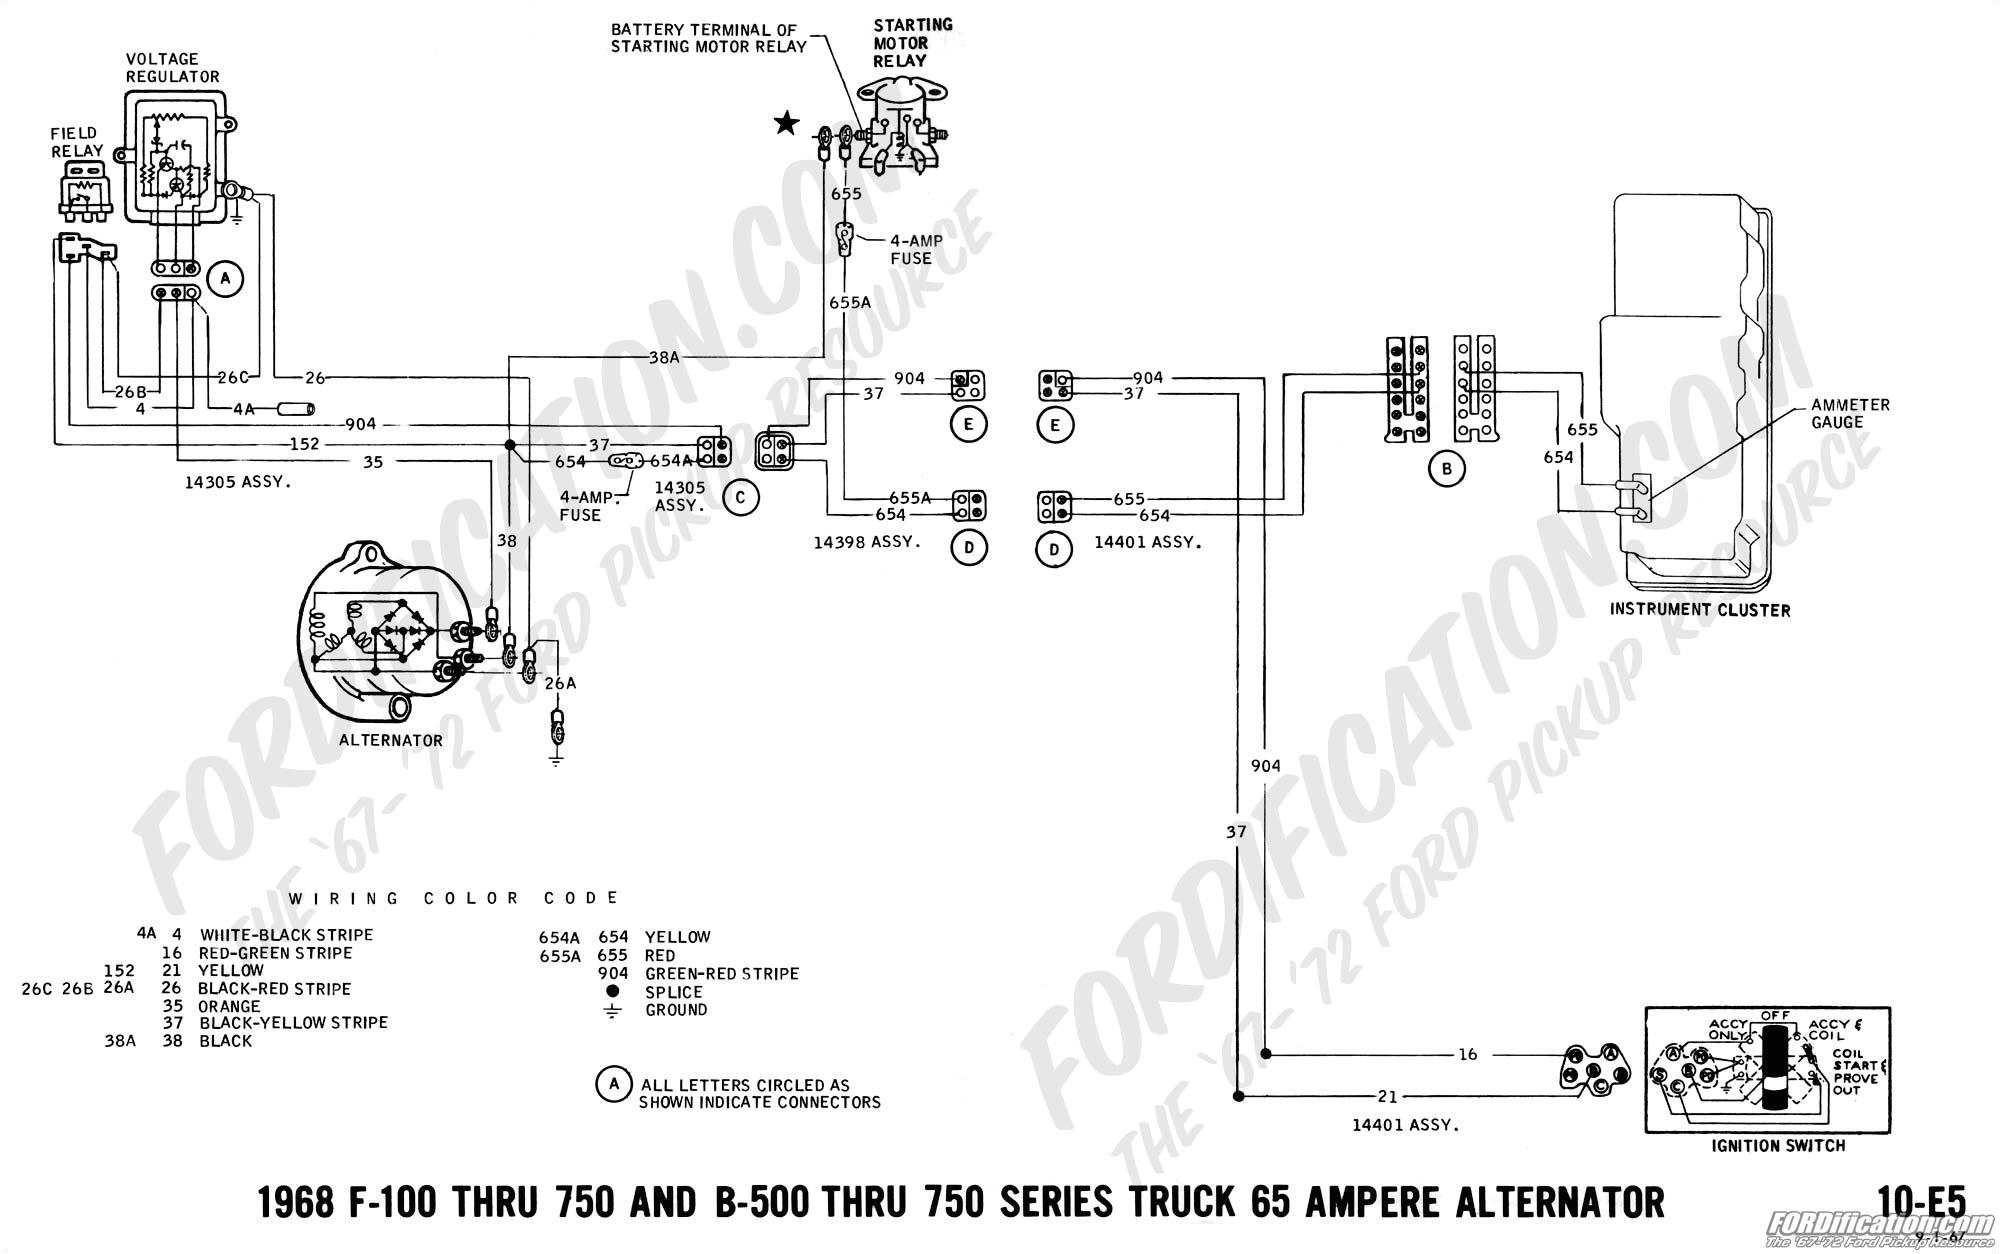 68 ford alternator wiring diagram 76 ford f150 diagram ford wire 1971 ford alternator wiring diagram